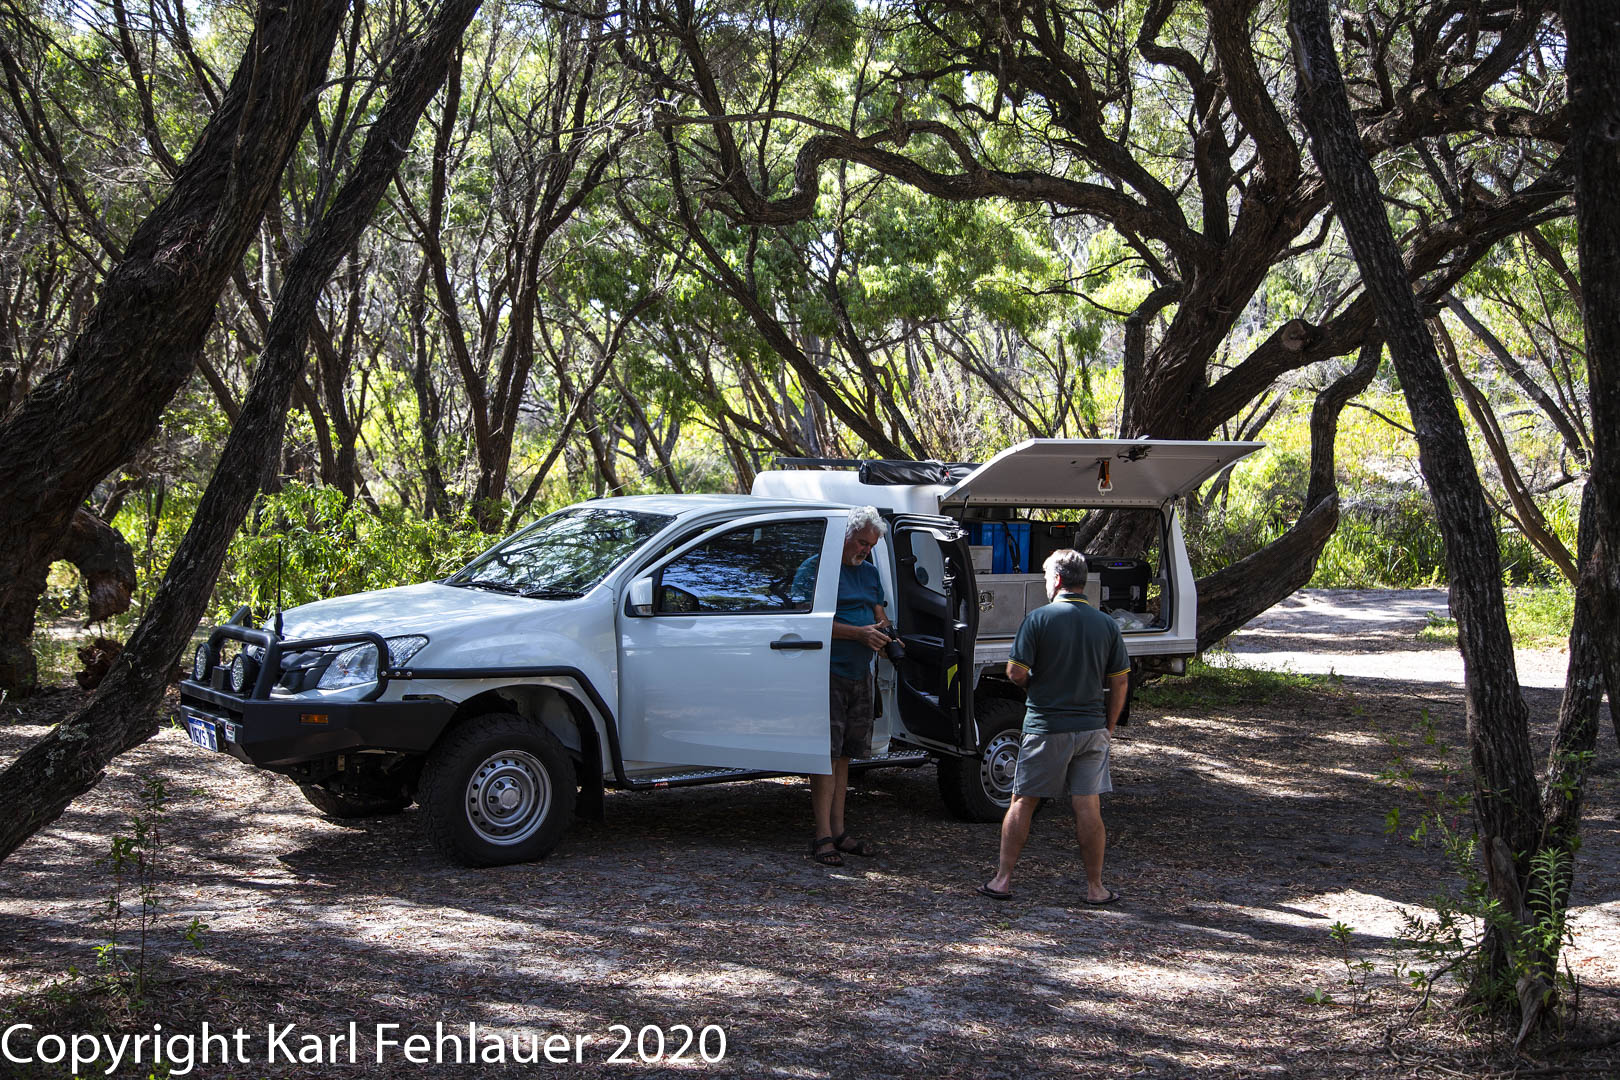 2020-02-11 4WD - 002-Edit.jpg